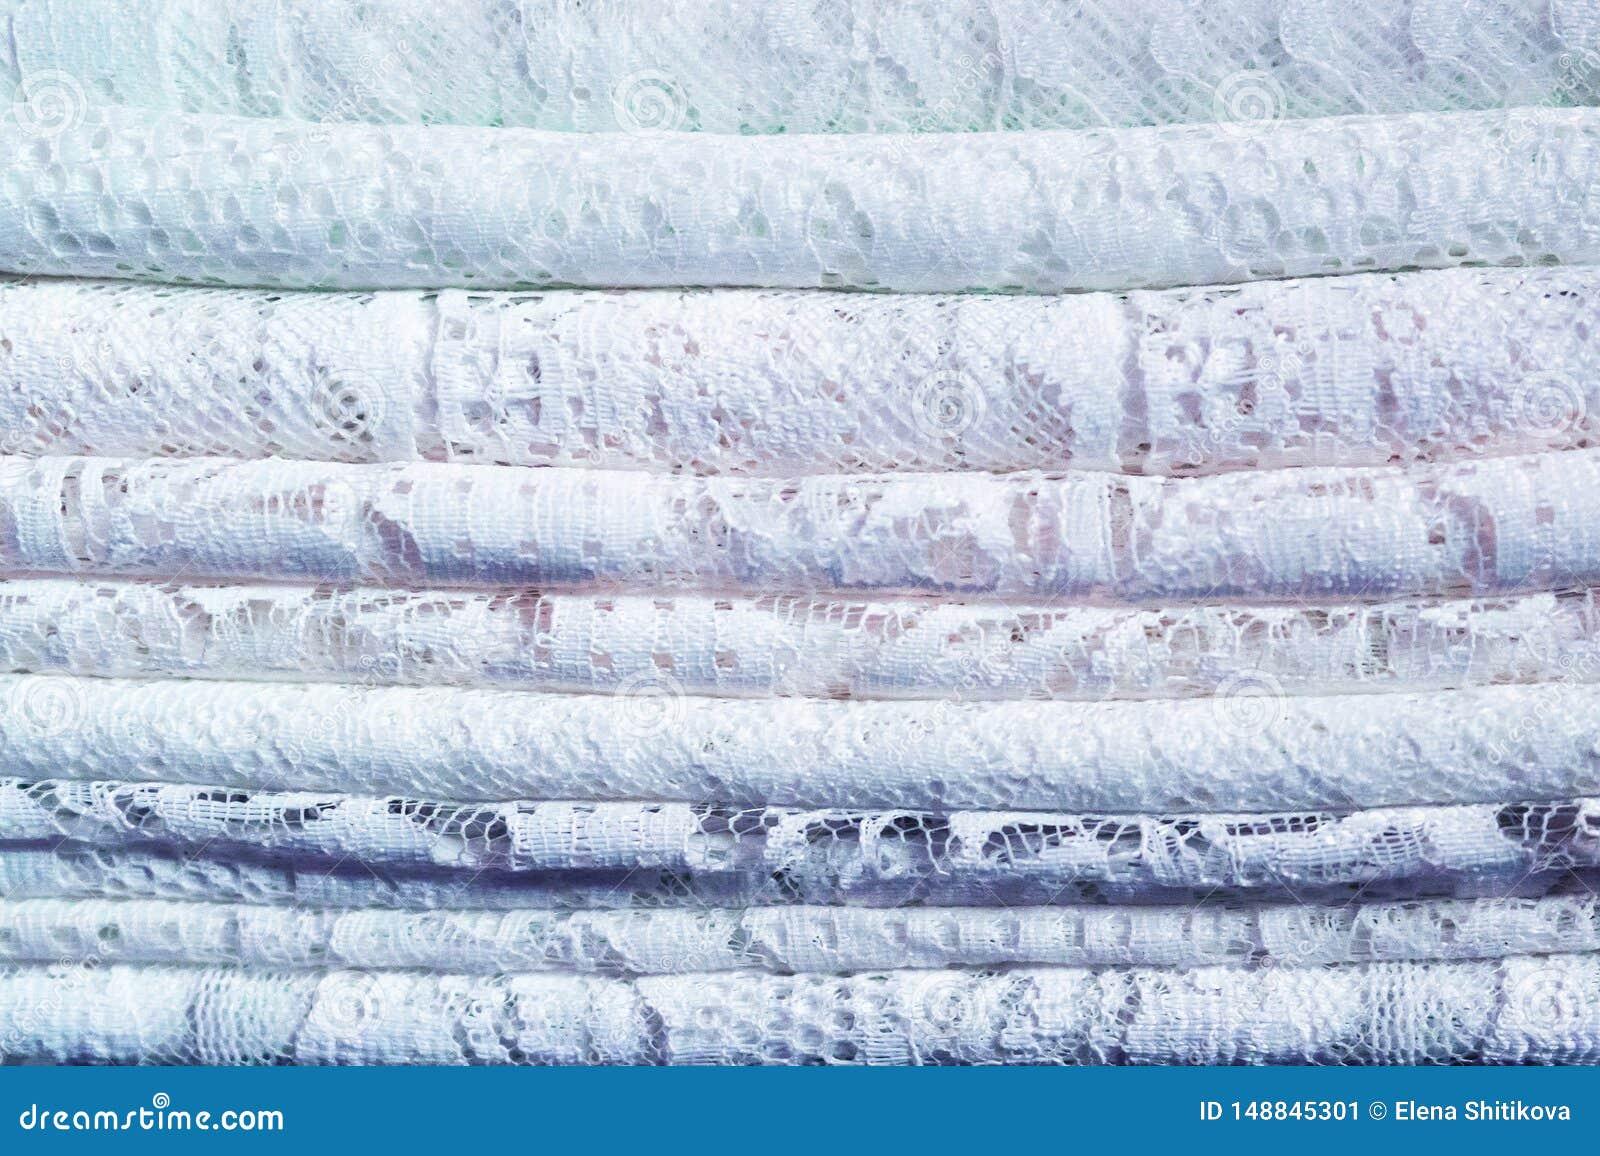 Ένας σωρός των λεπτών παραδοσιακών υφαντικών υφασμάτων δαντελλών με ένα φυσικό σχέδιο άσπρος και μπλε